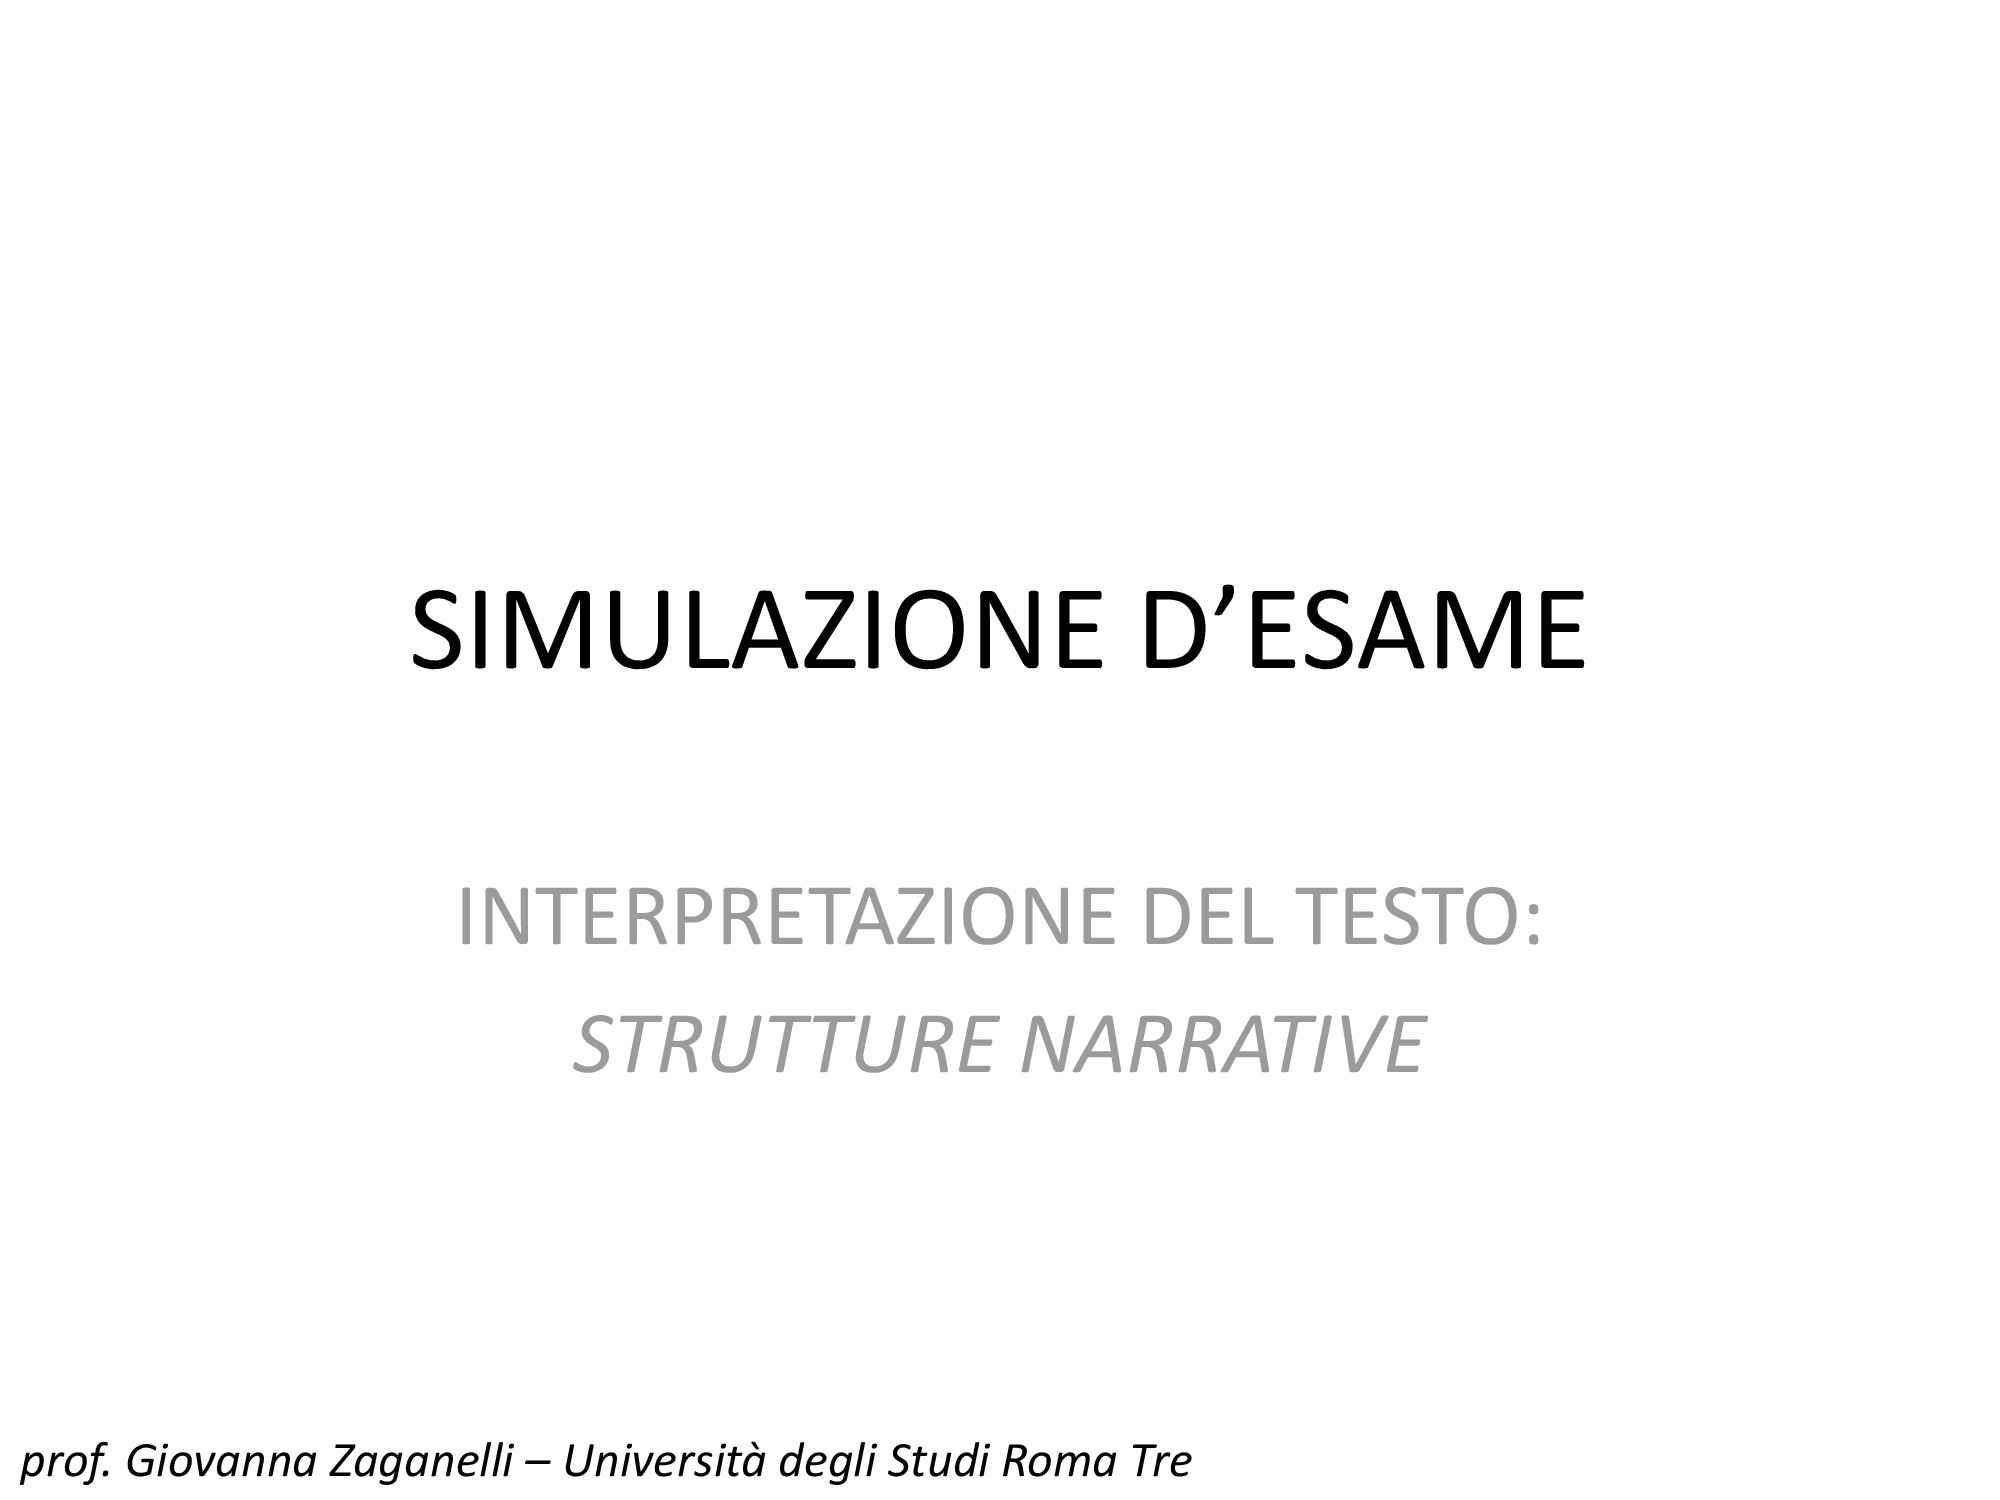 Interpretazione del testo: strutture narrative